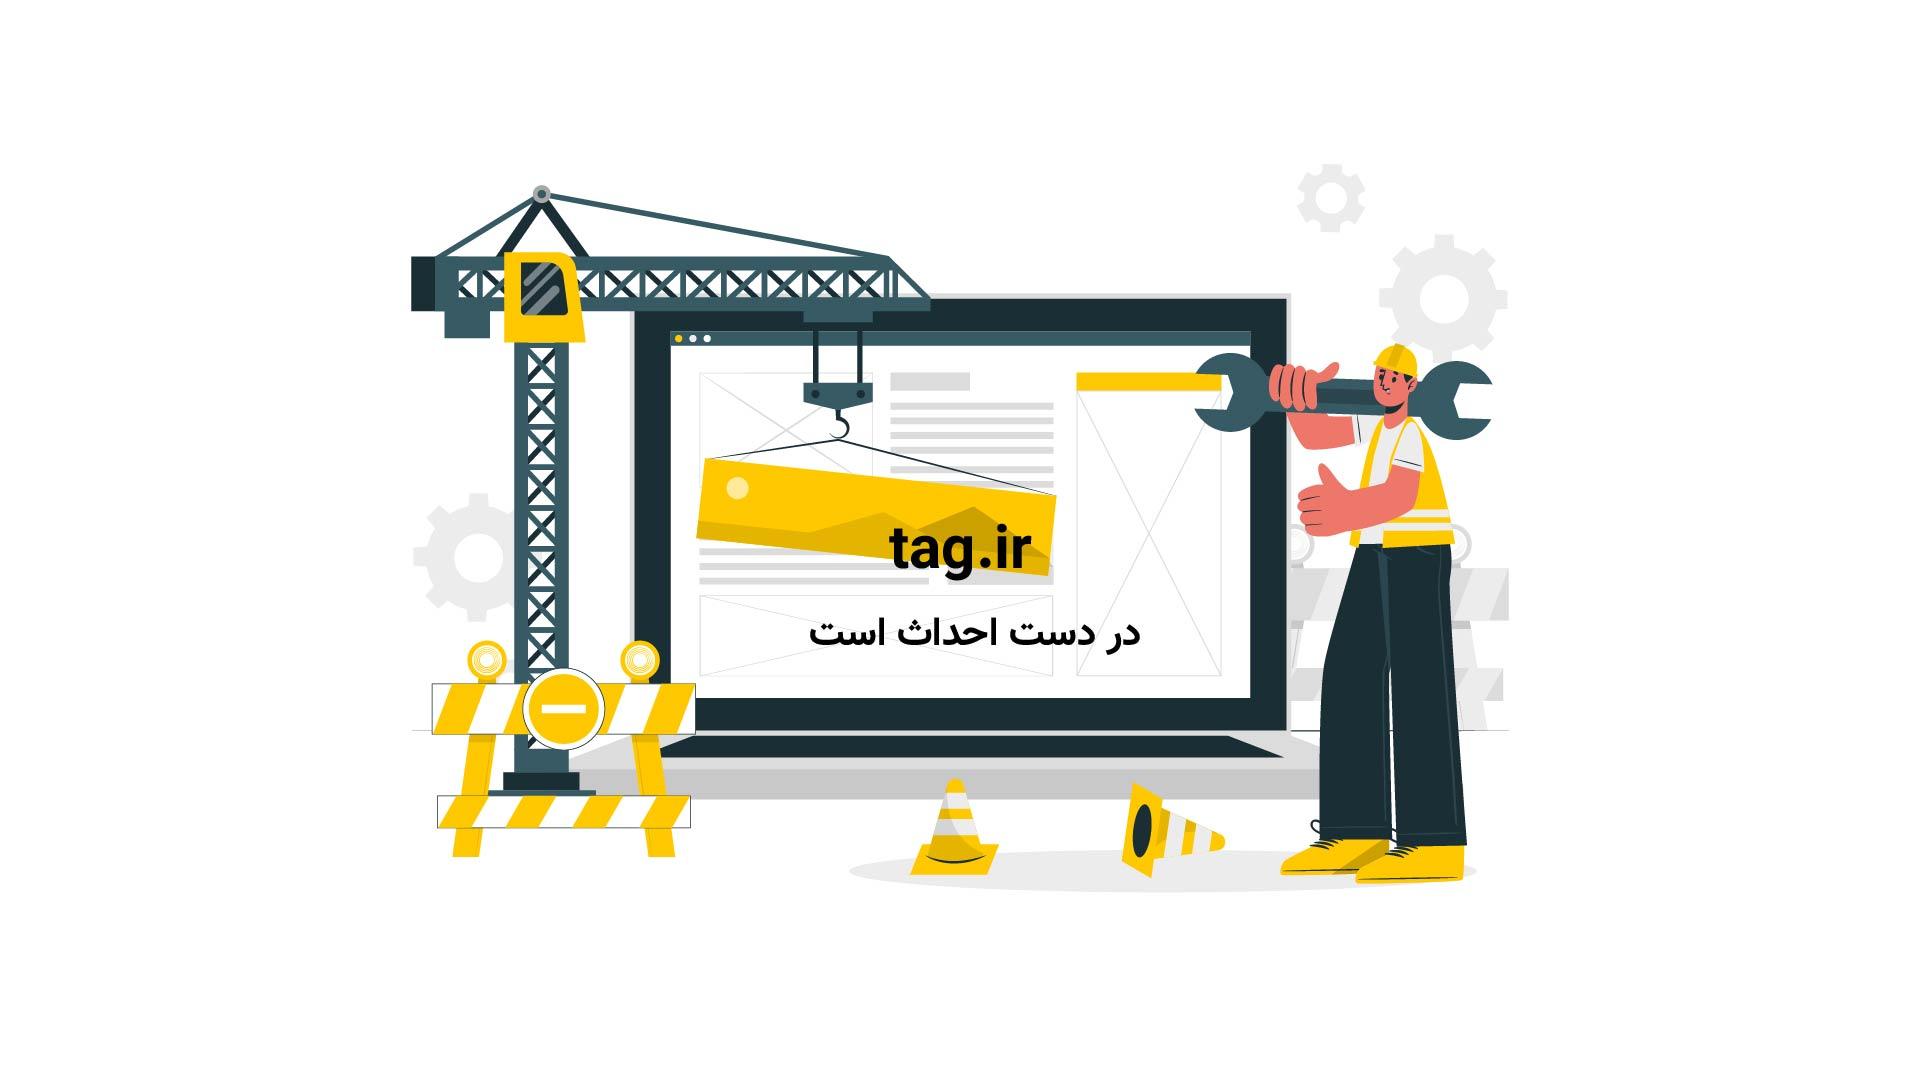 سخنرانی های تد؛ سرگذشت یک شکارچیِ سیارک |فیلم